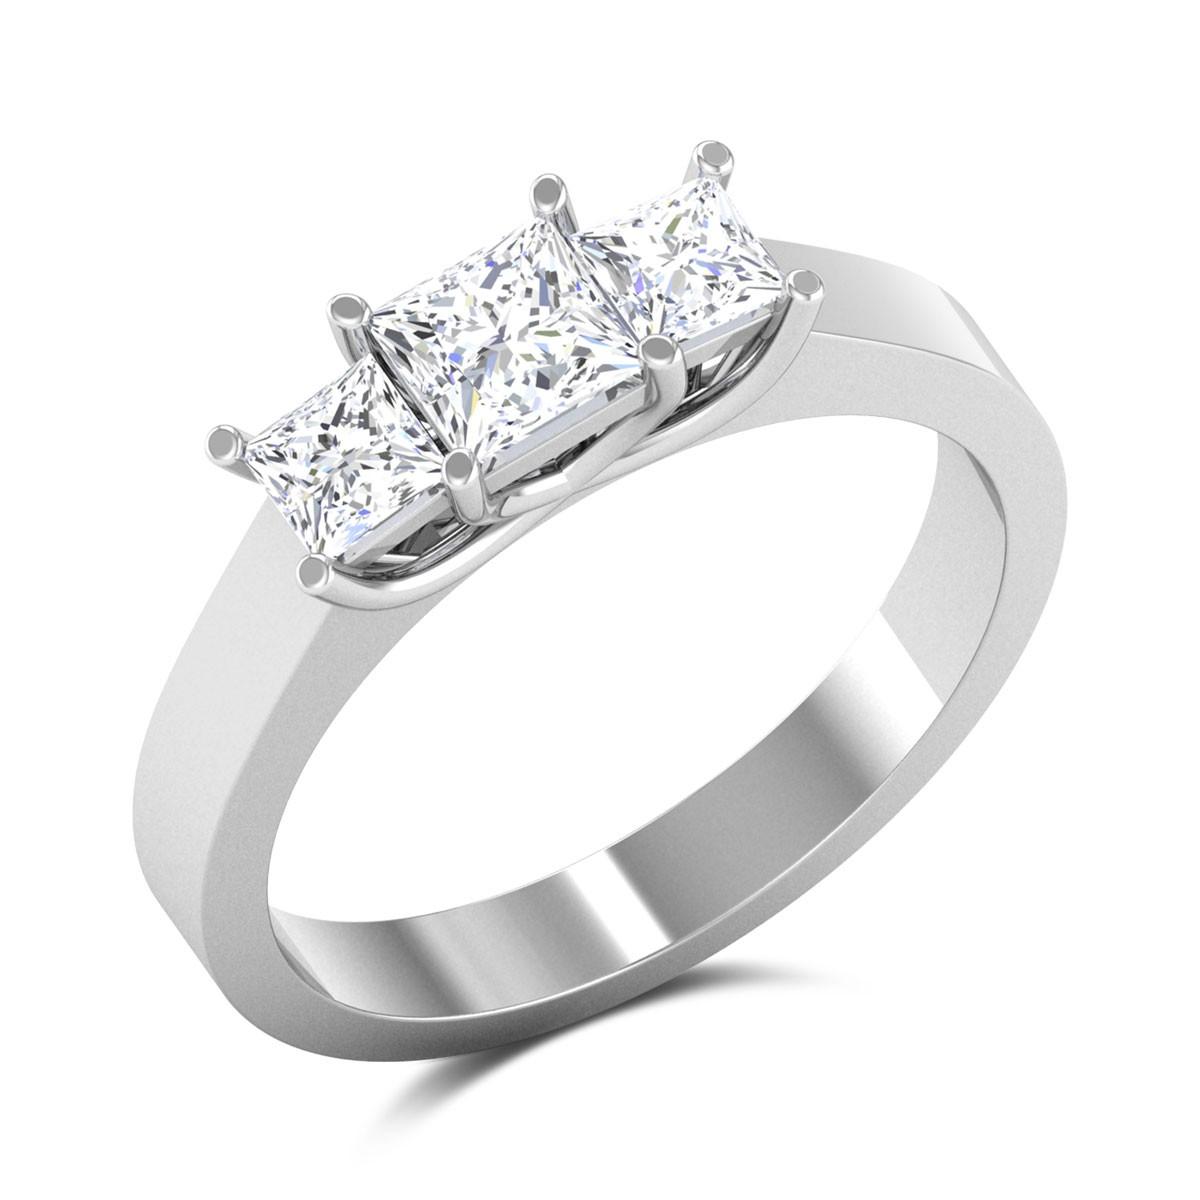 Jago Princess Cut Solitaire Ring